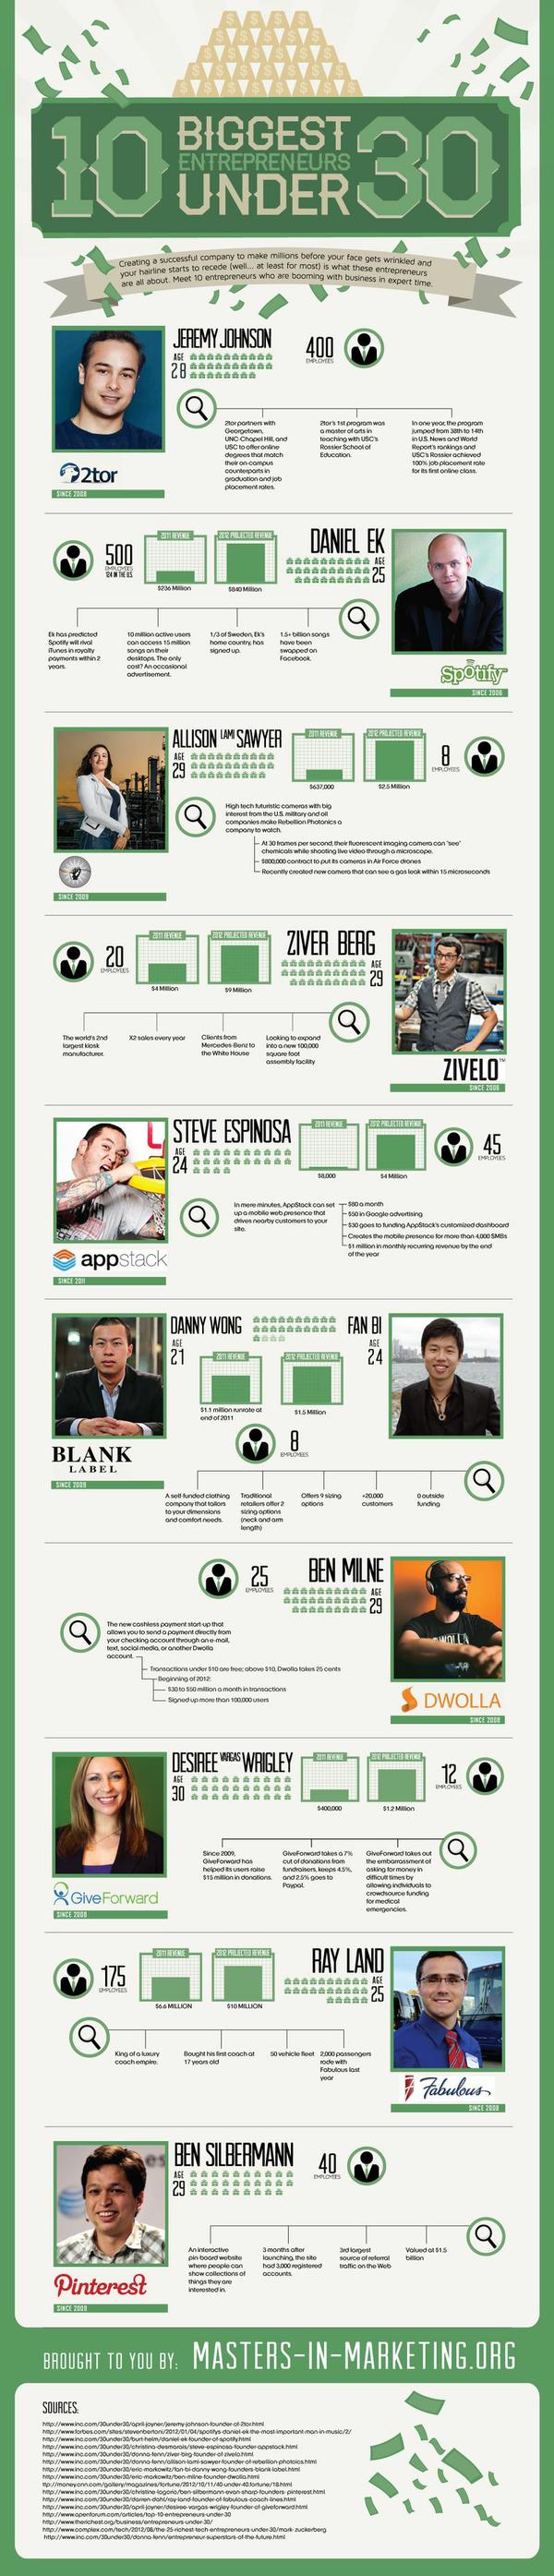 Entrepreneurs-under-30